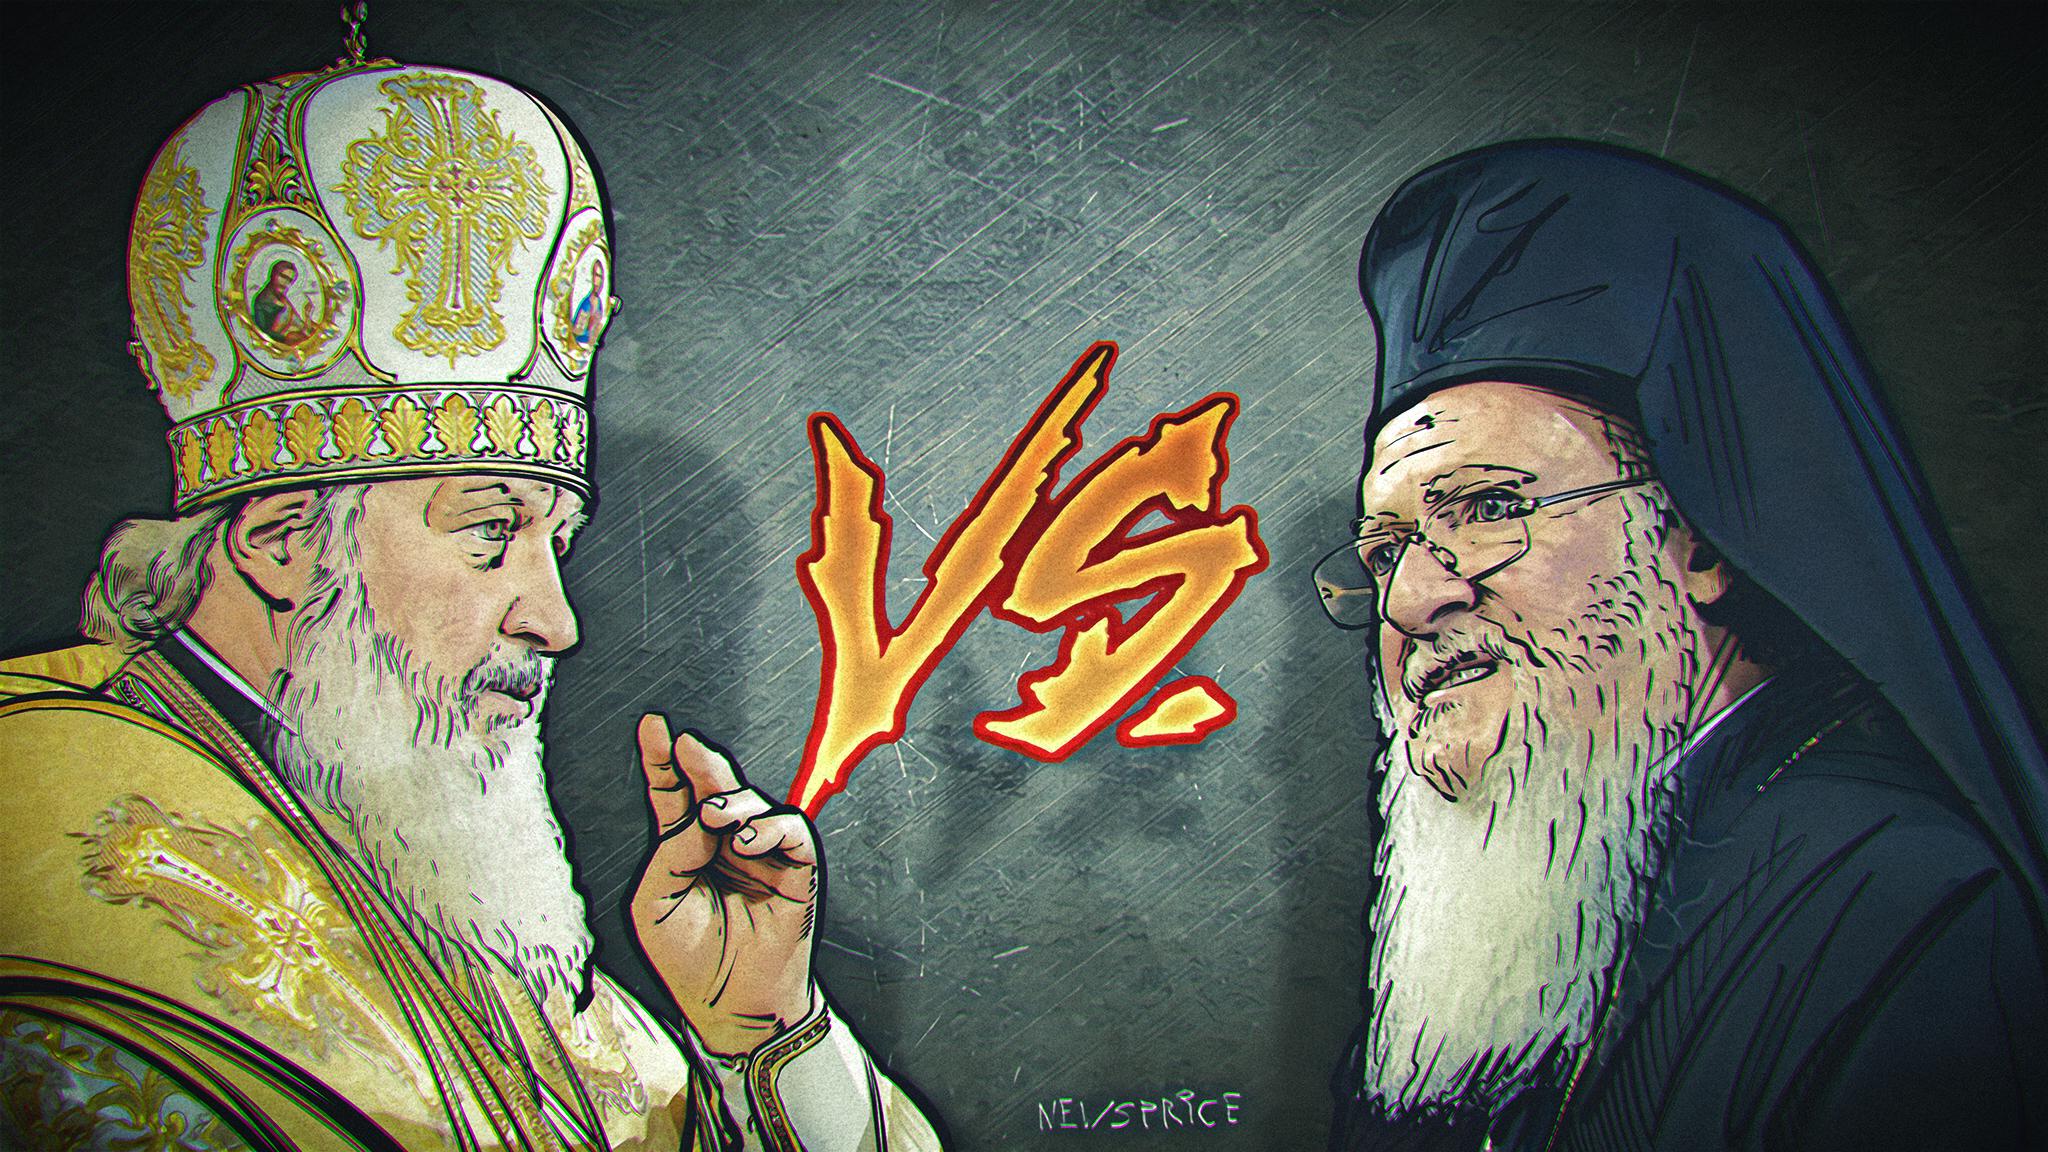 Константинополь VS Москва: Кто победит в борьбе за Православие в Украине и странах Содружества?